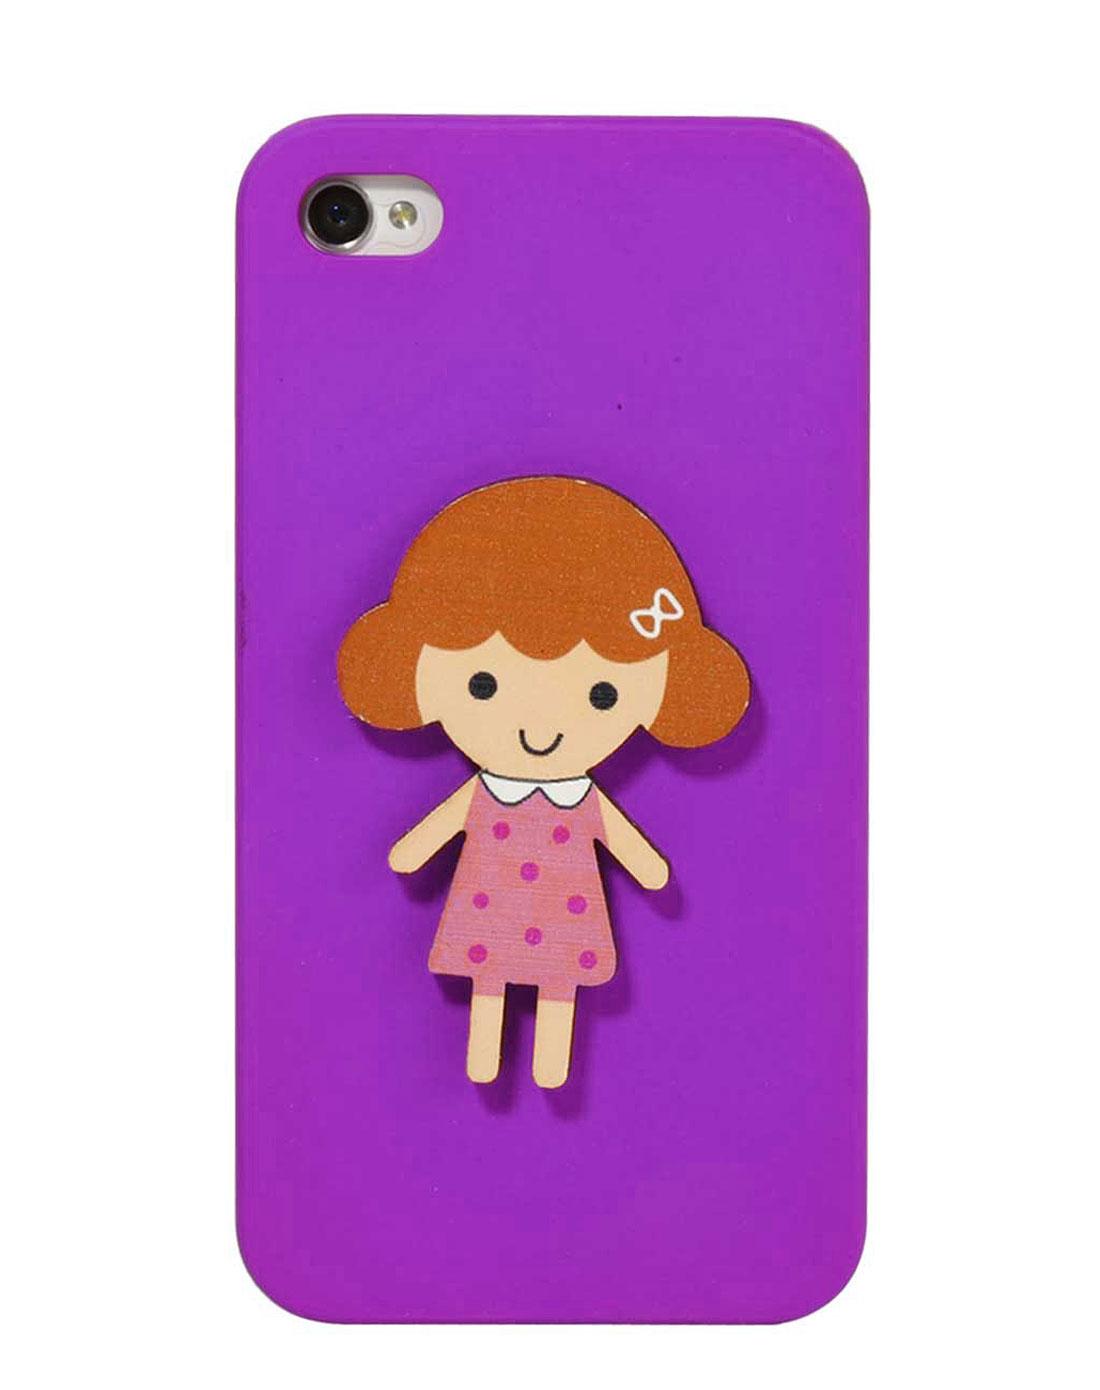 iphone4/4s 可爱小胖妞手机壳